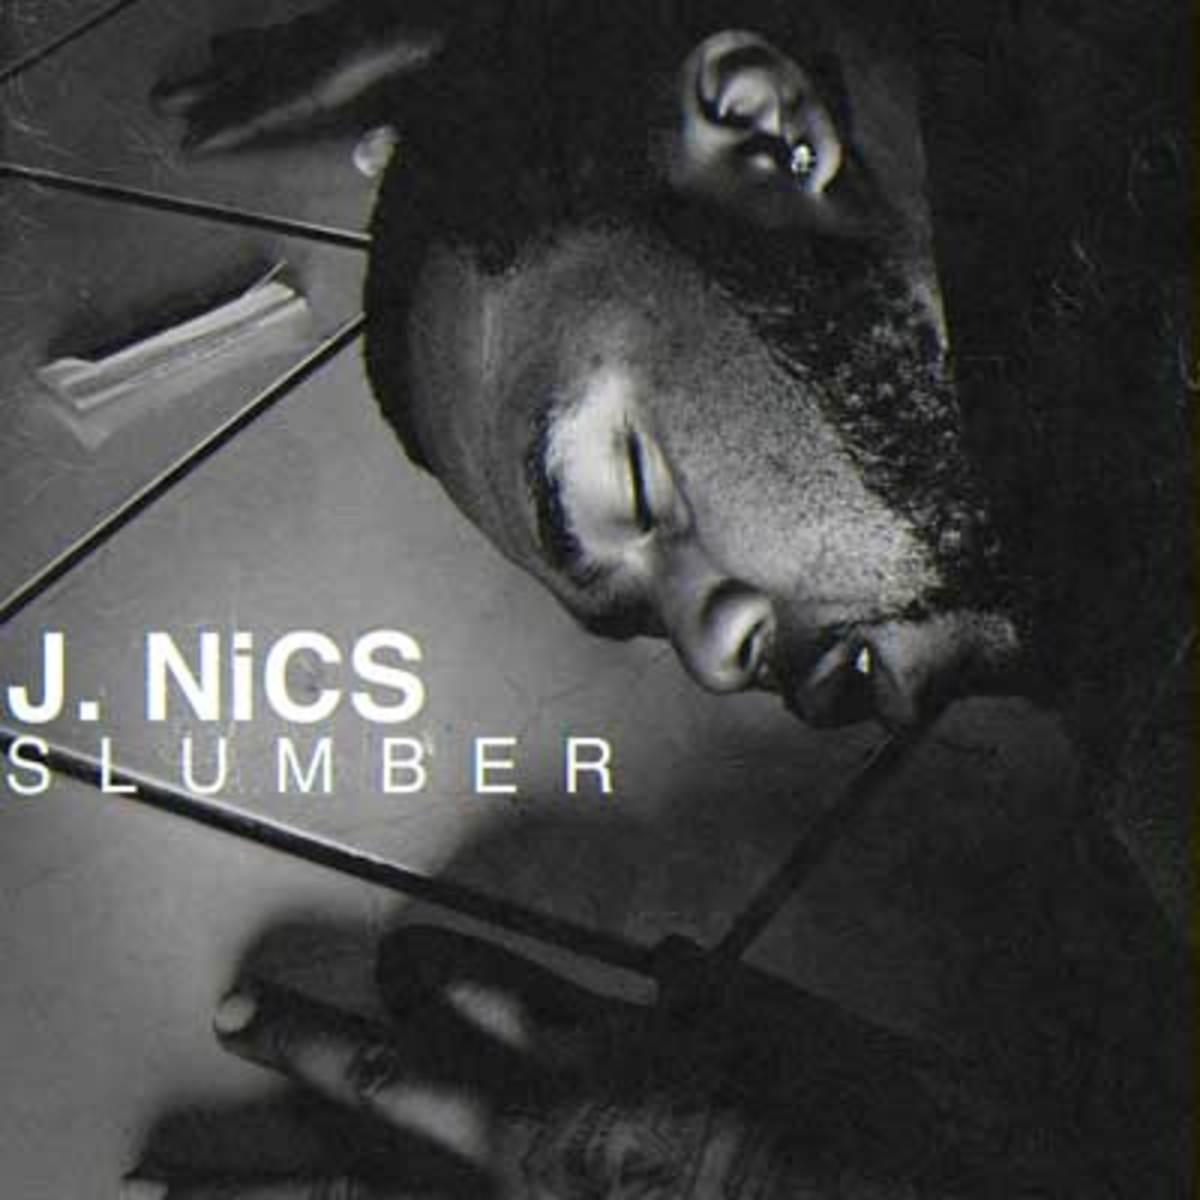 jnics-slumber.jpg